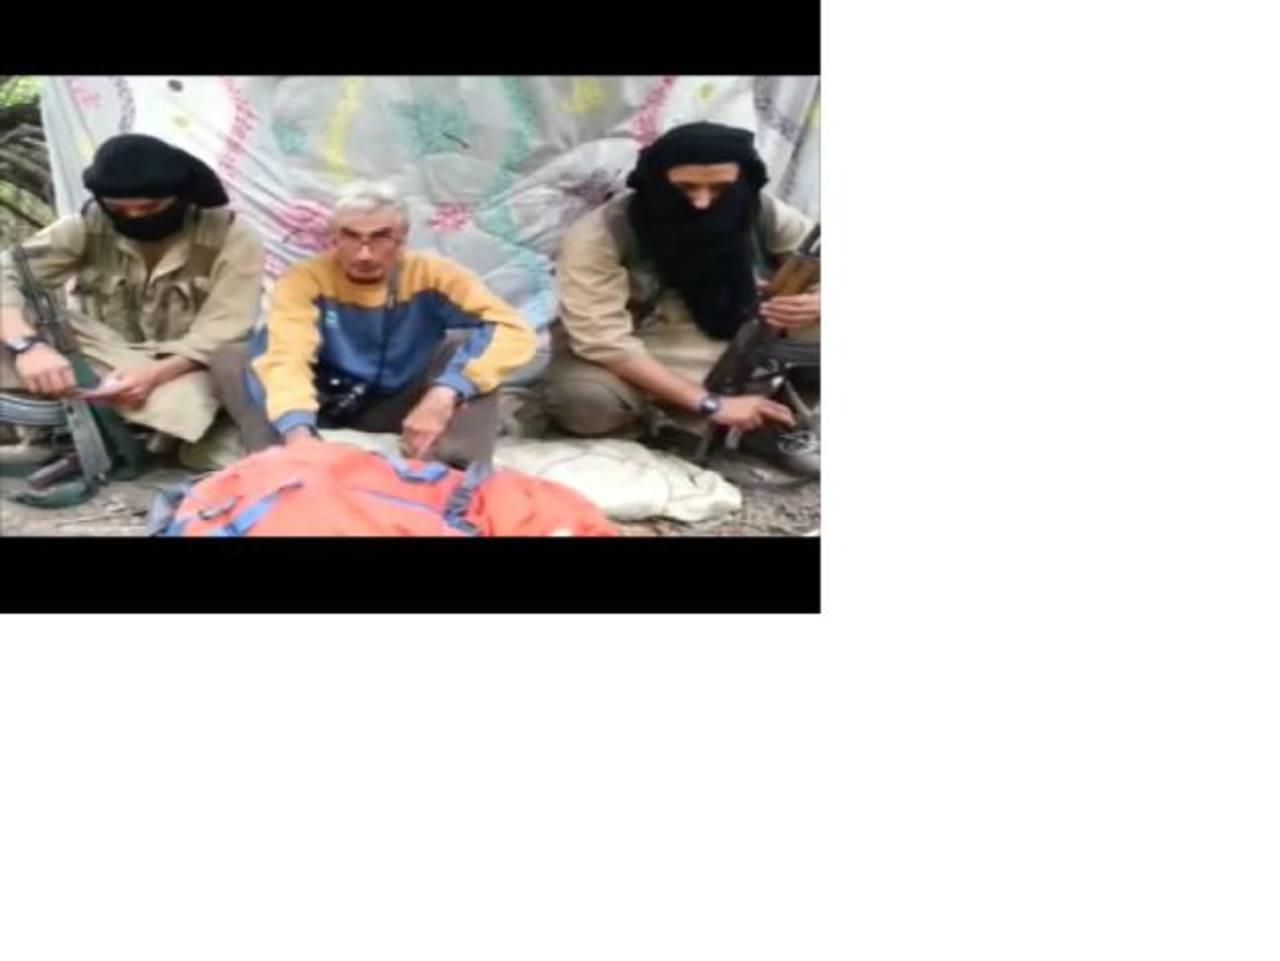 El rehén francés Hervé Gourdel aparece en un vídeo acompañado por dos terroristas encapuchados y armados. foto edh / internet